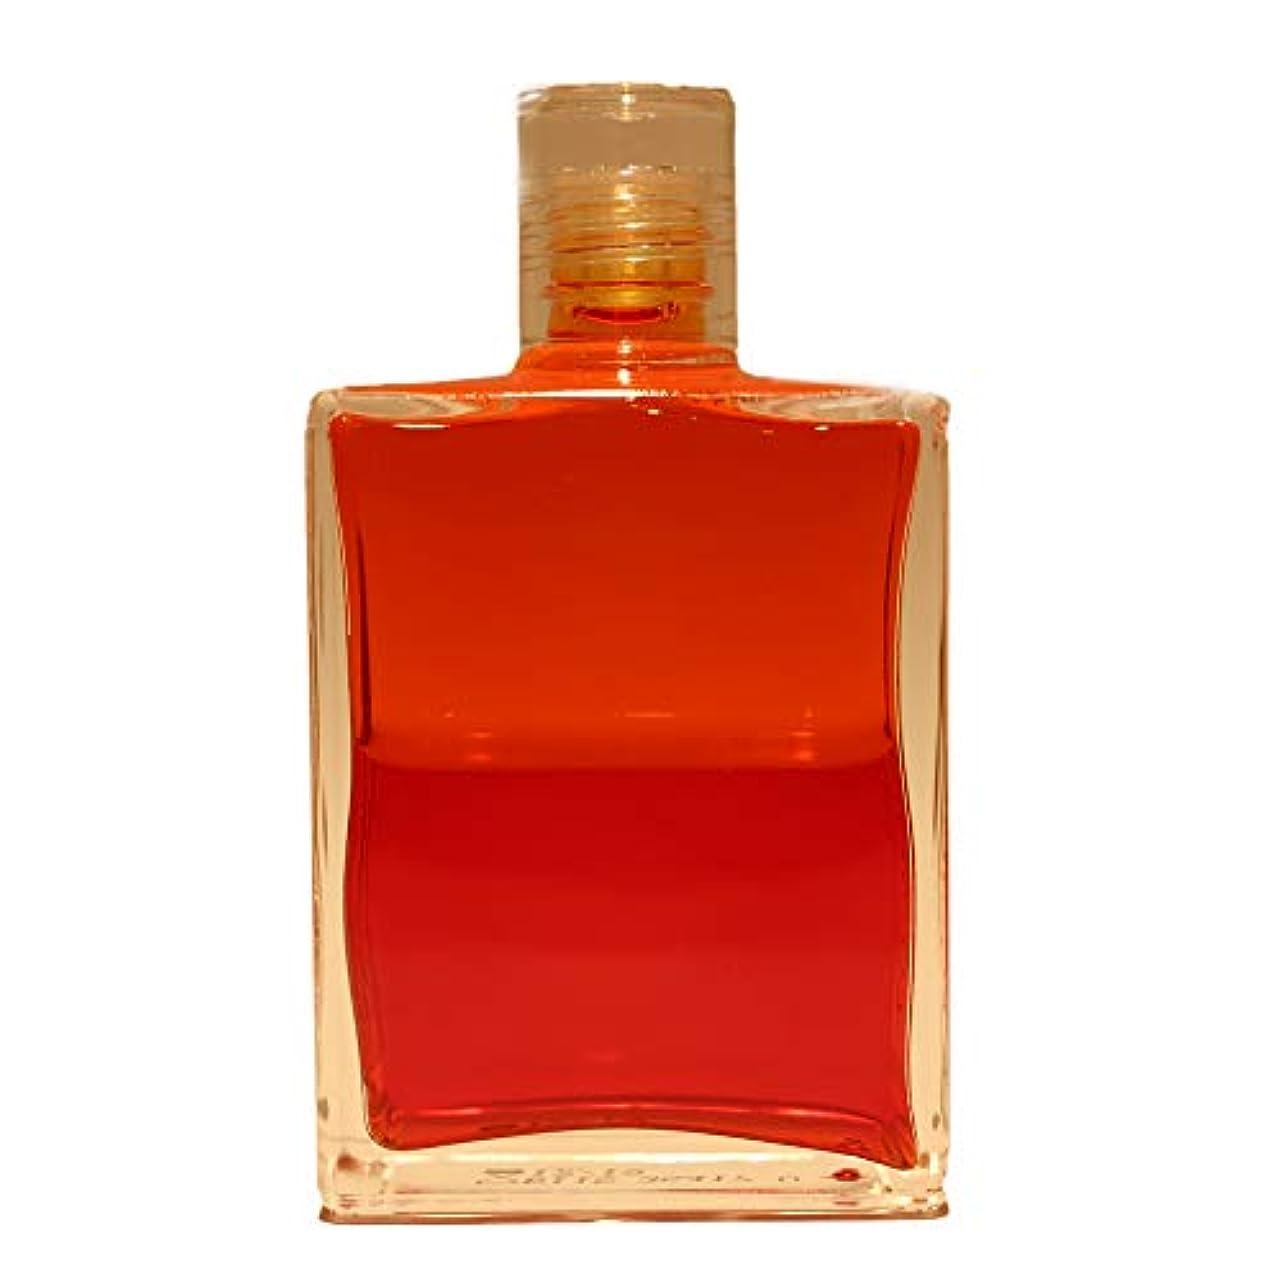 リム管理する慣習AURA-SOMA PRODUCTS オーラソーマ イクイリブリアム B115 大天使ケミエルとアリエル 化粧水 オレンジ/レッド 50ml